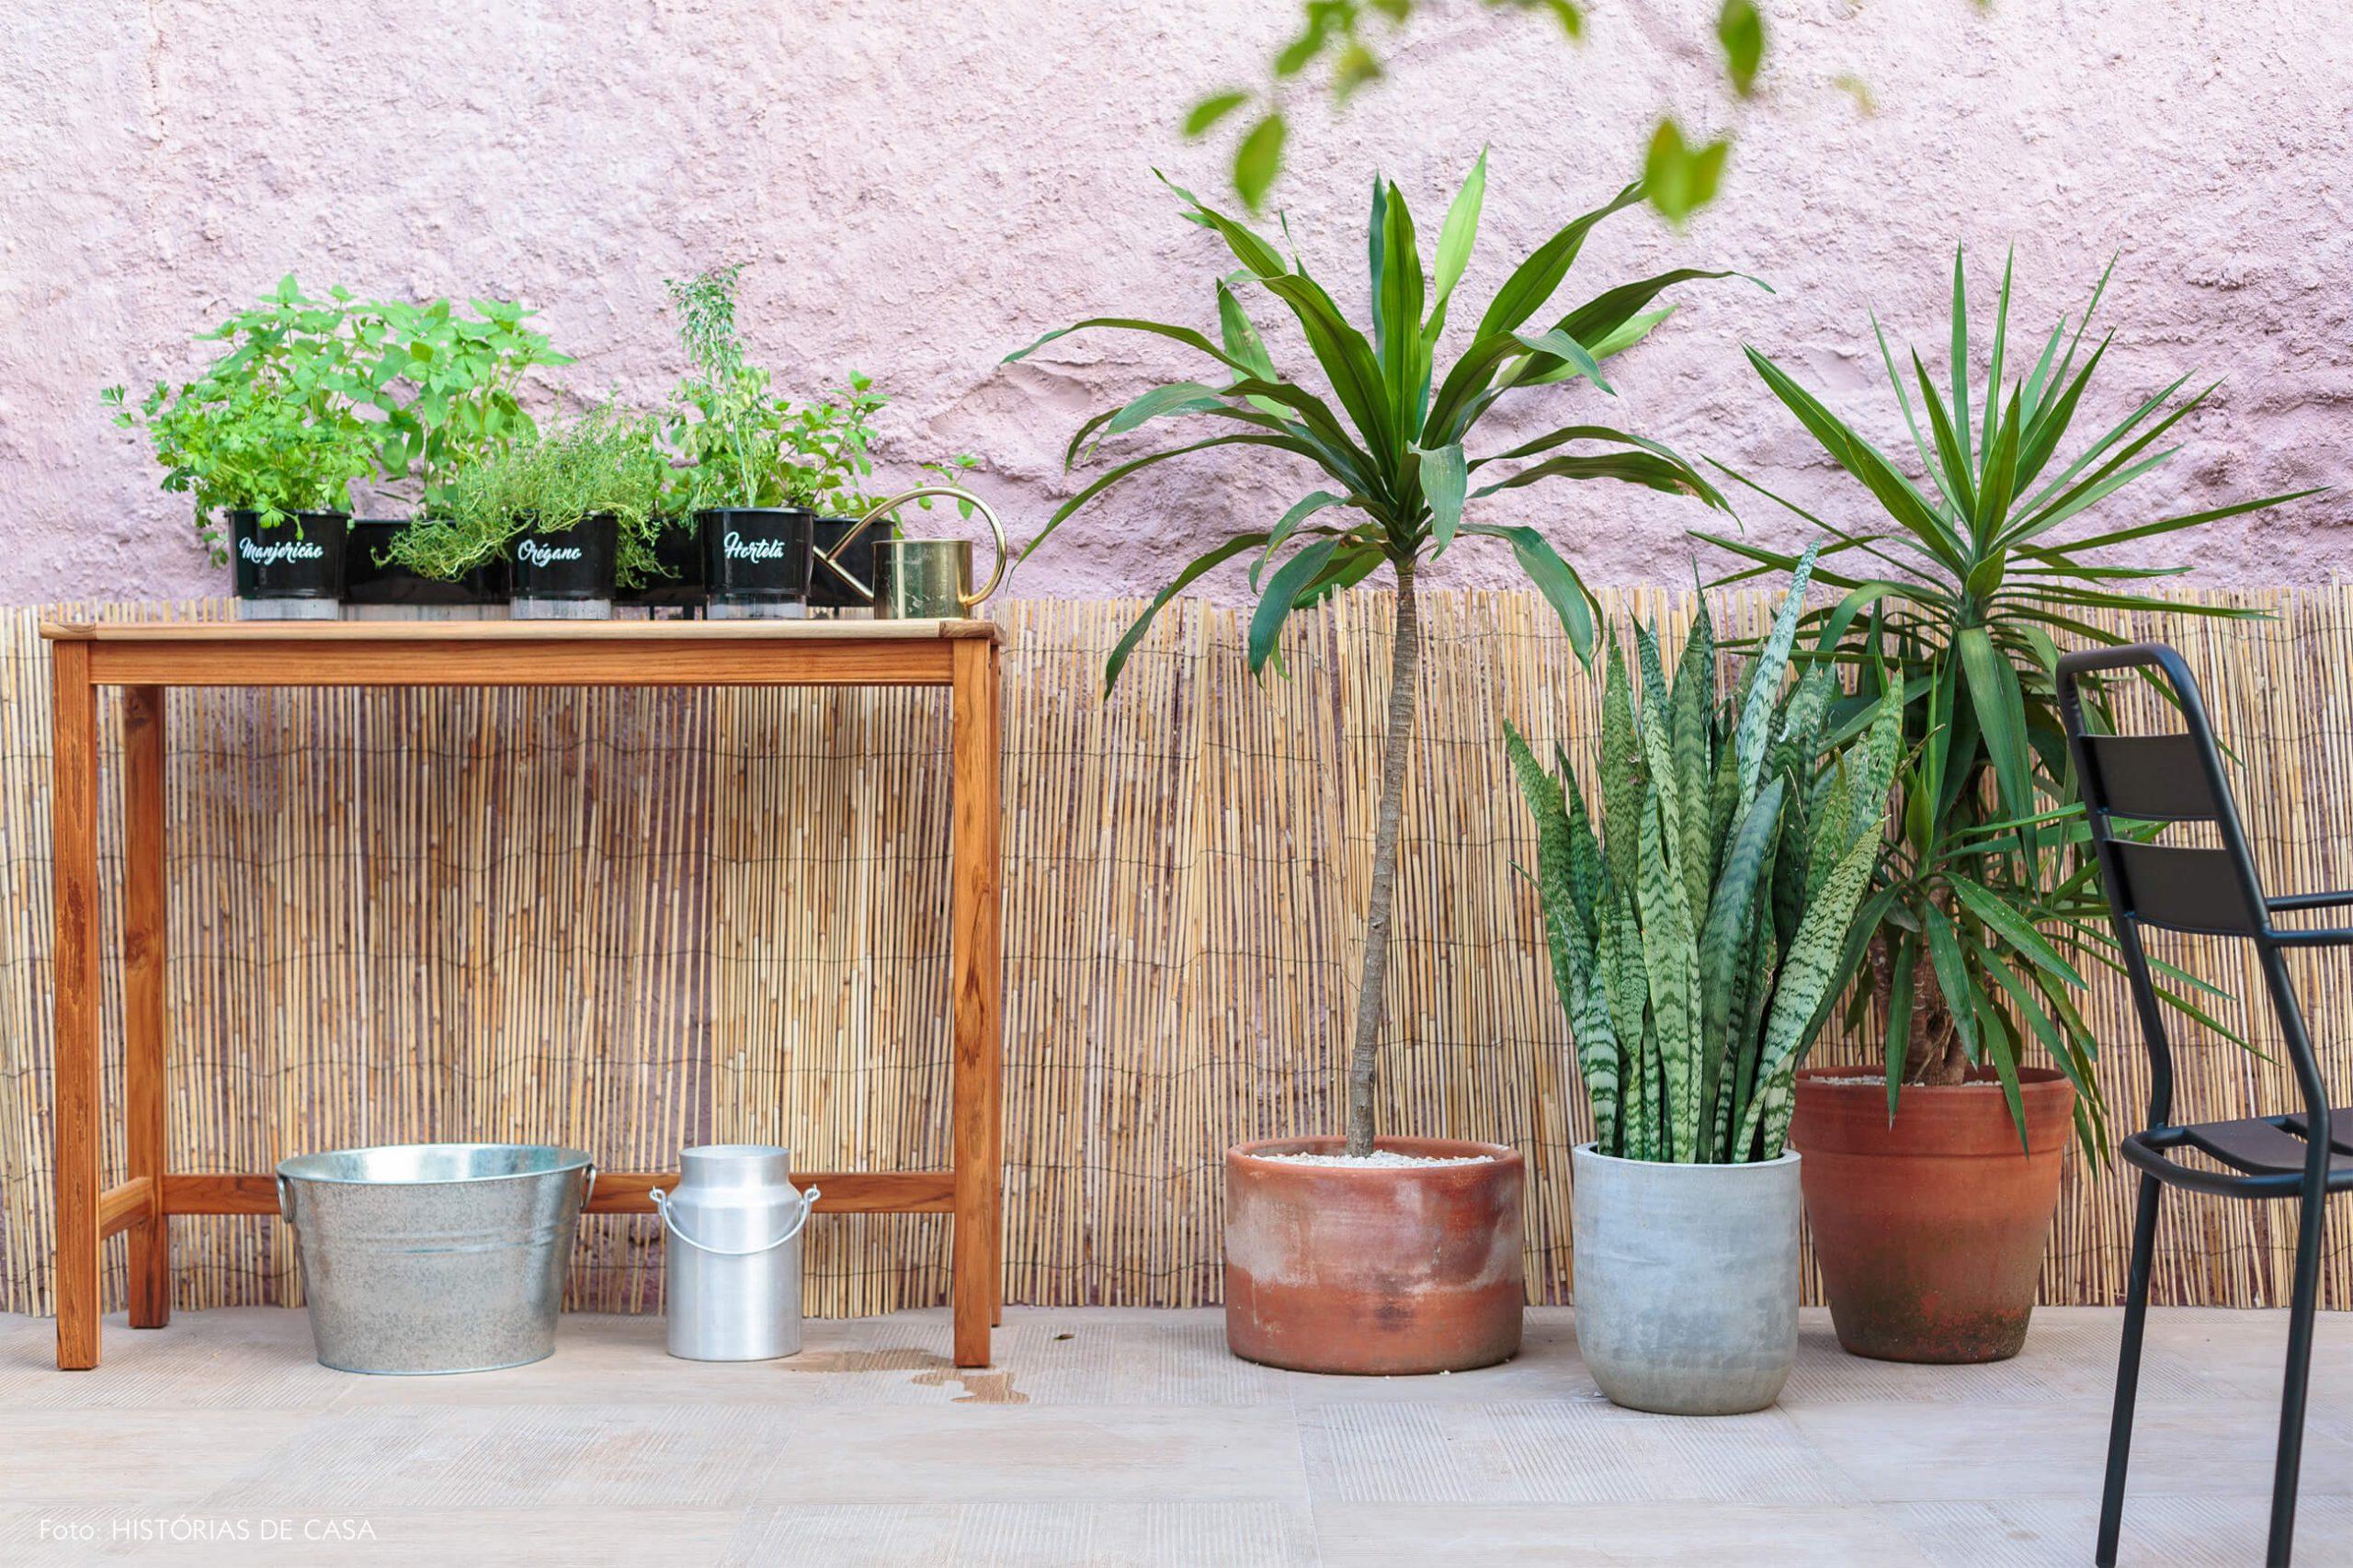 decoração antes e depois jardim leroy merlin plantas e mesa de madeira